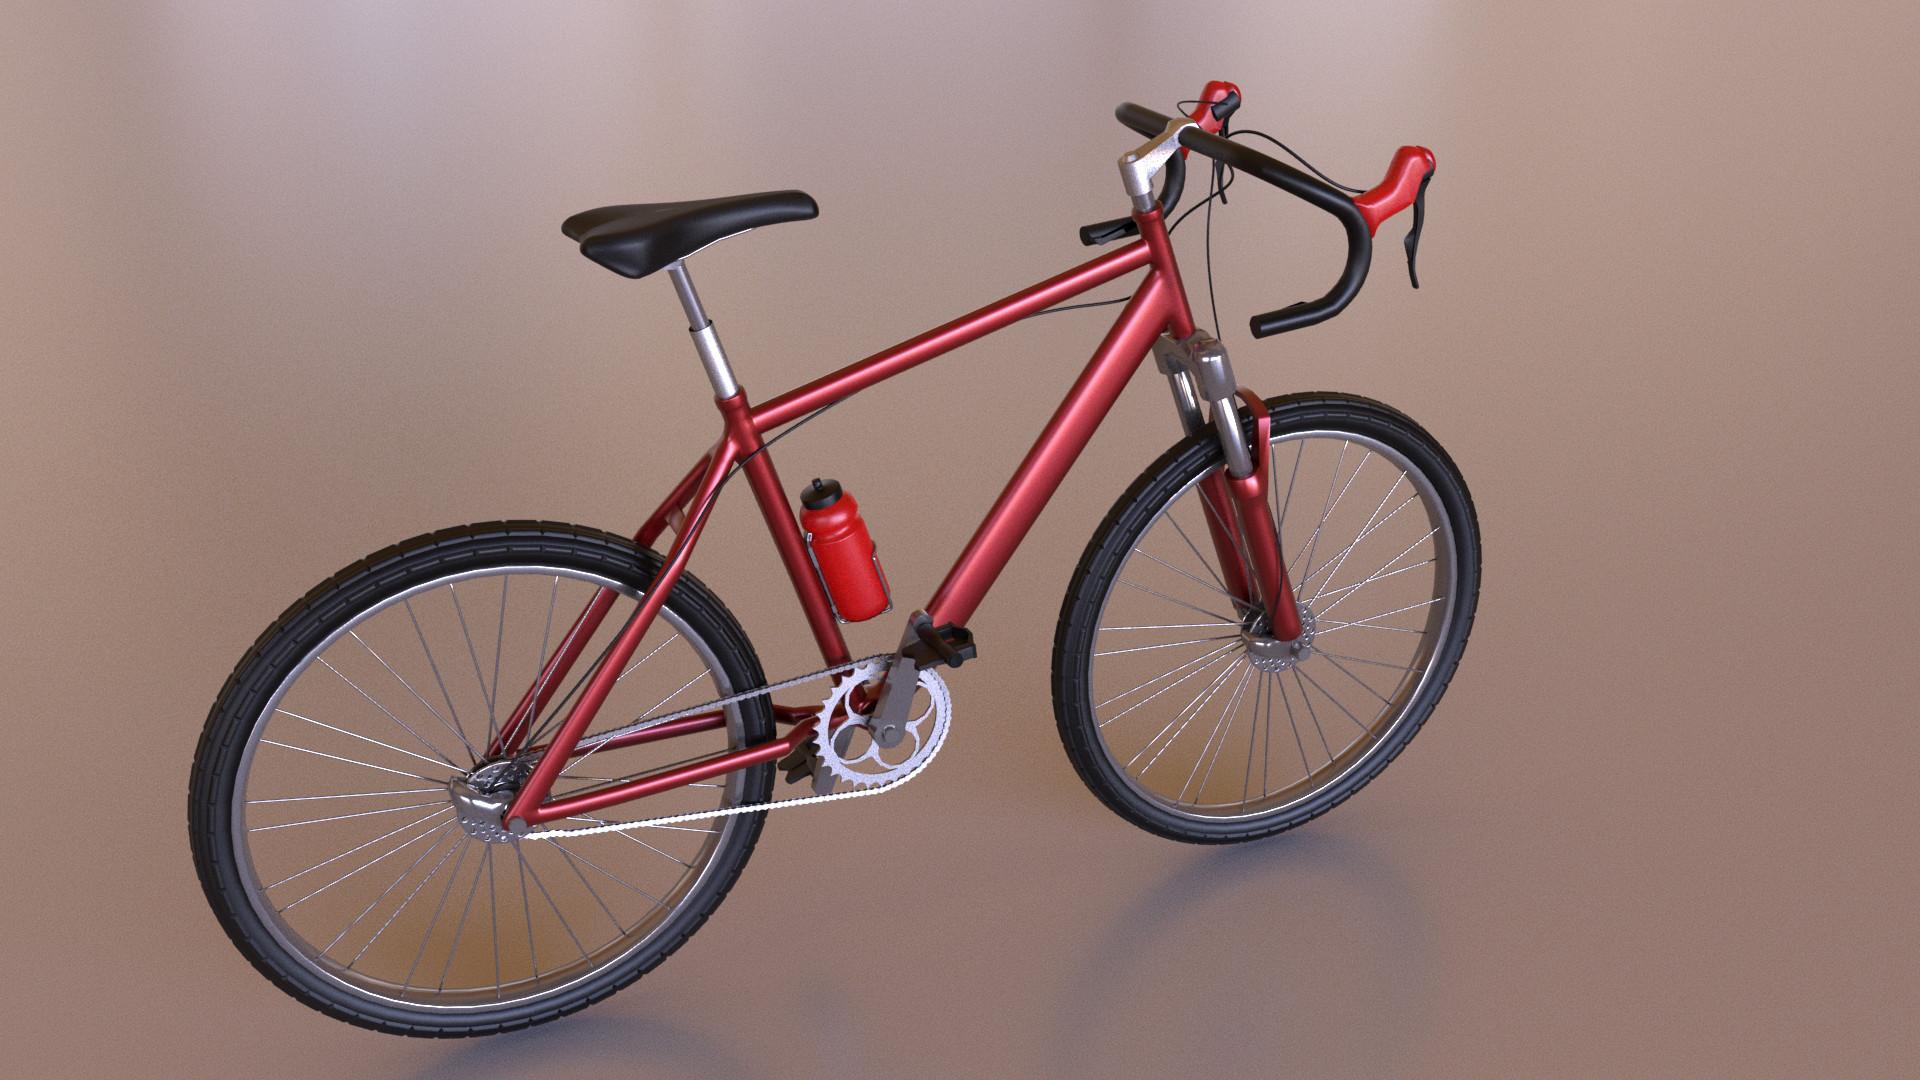 Rahul raj cycle render